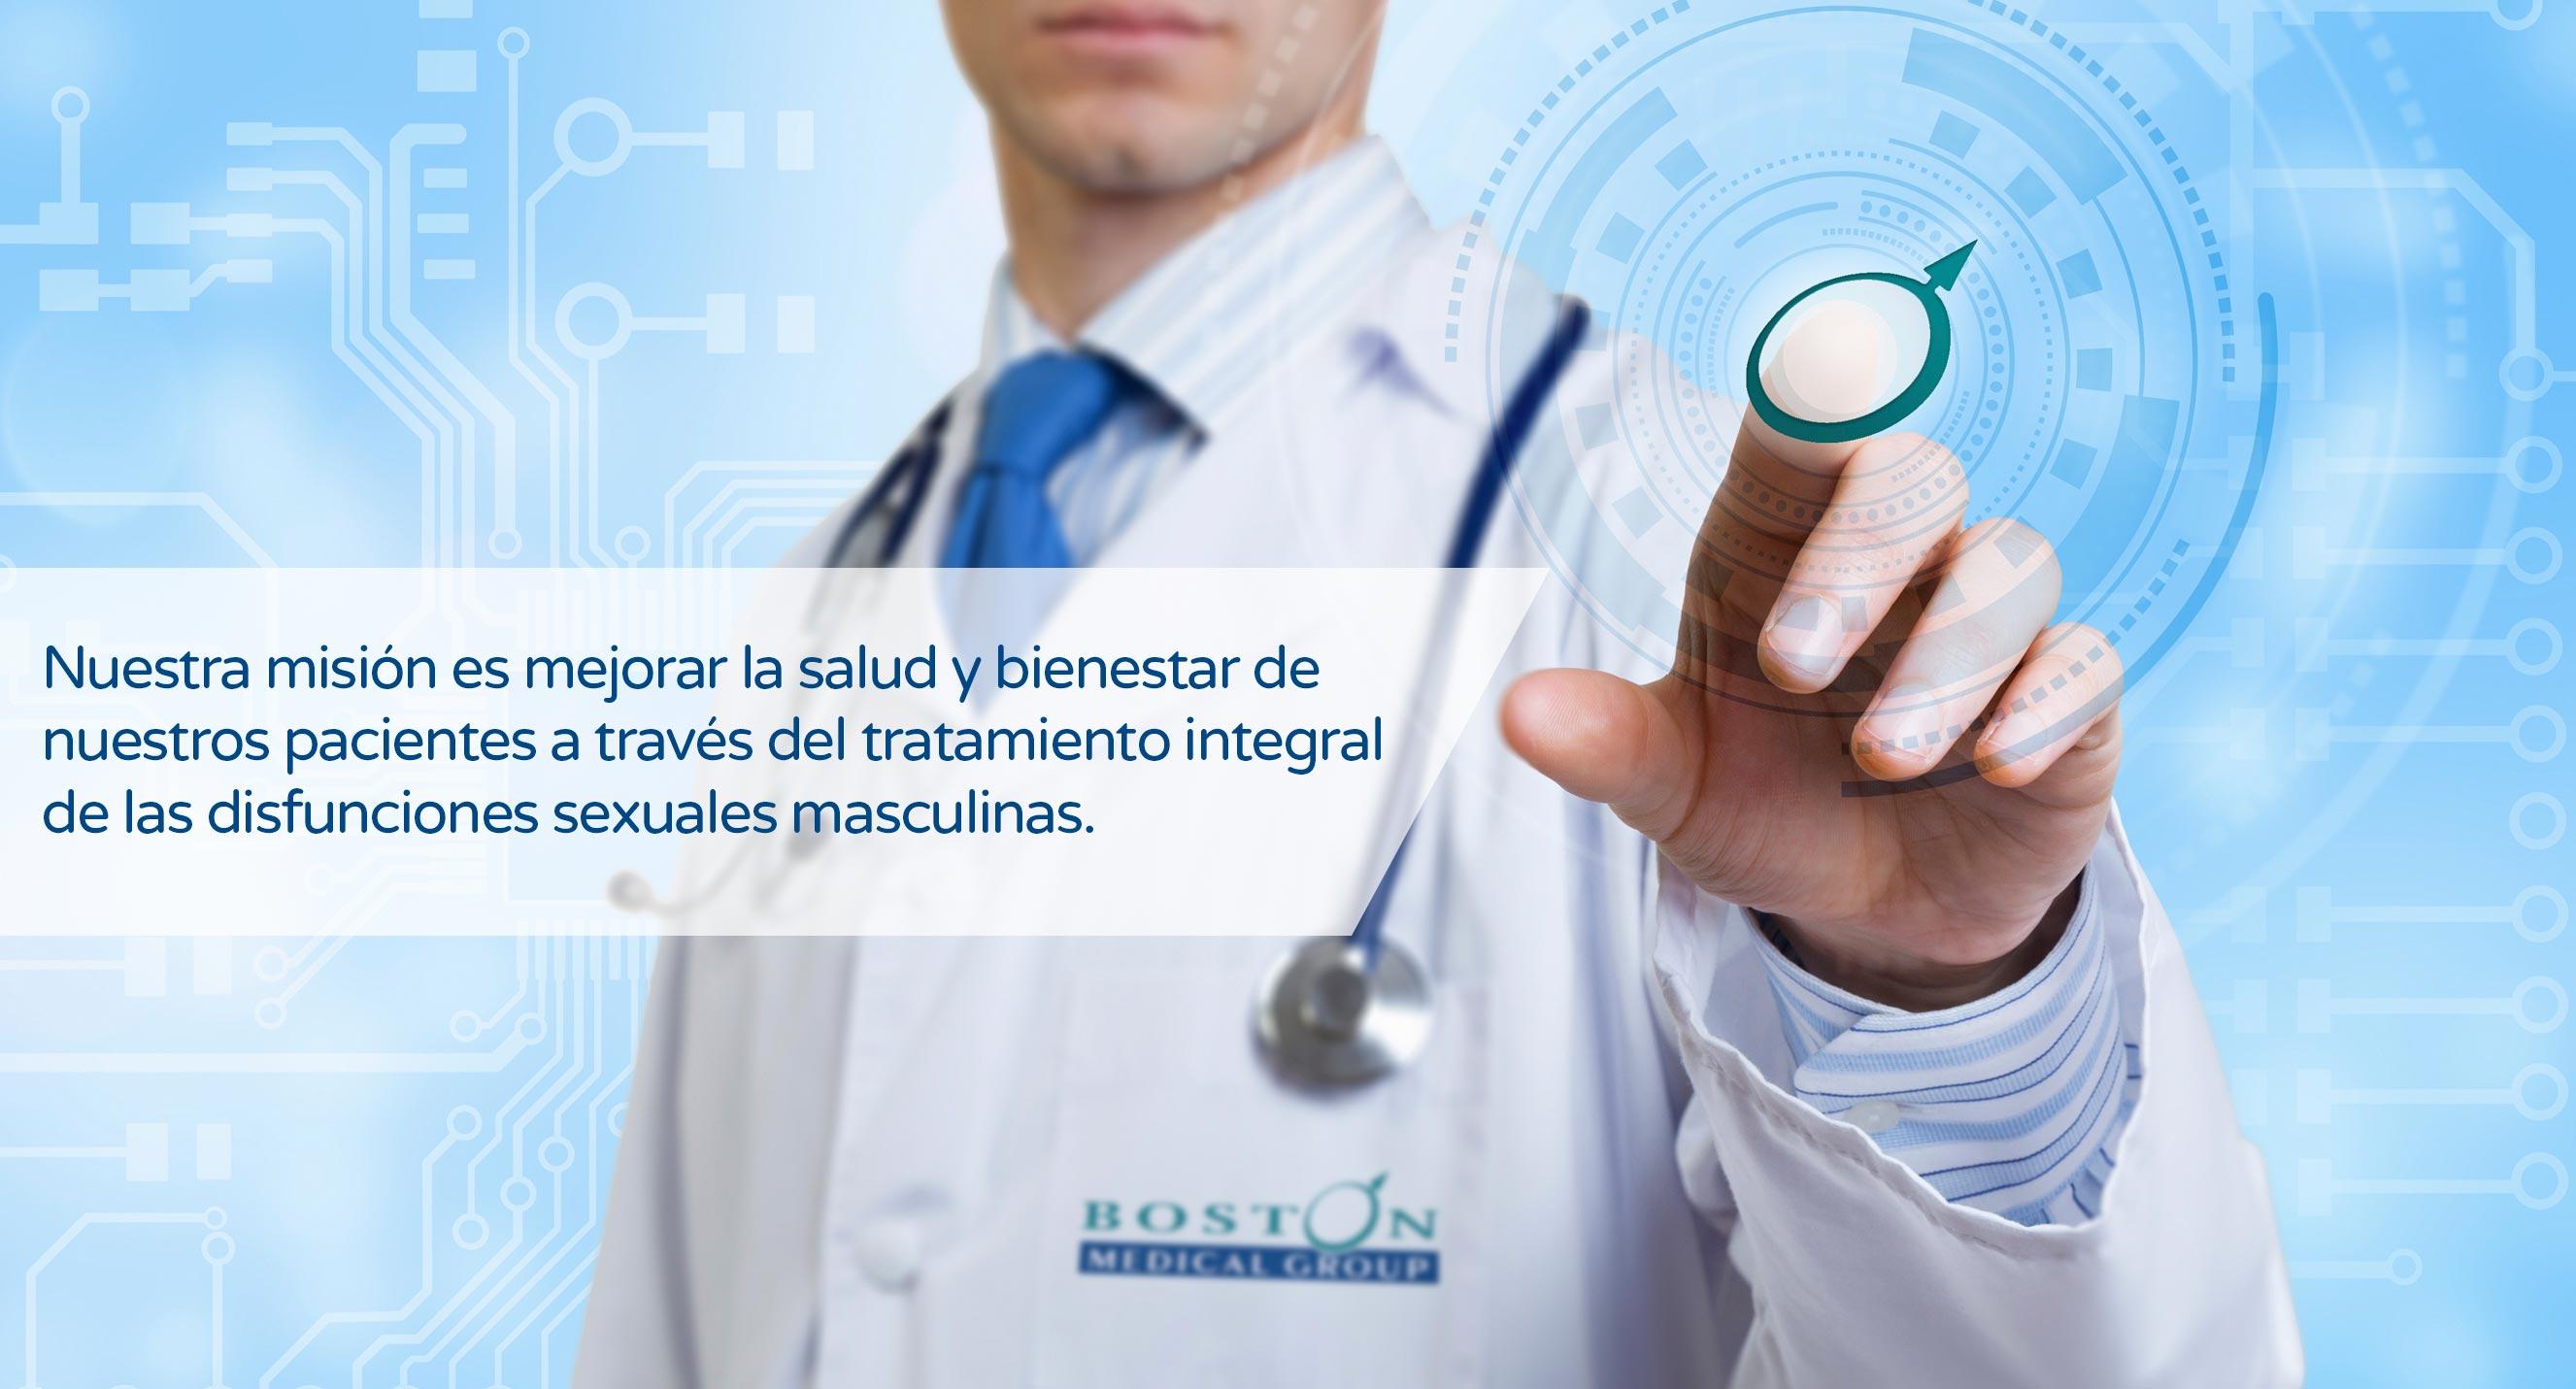 Misión Boston Medical Group España